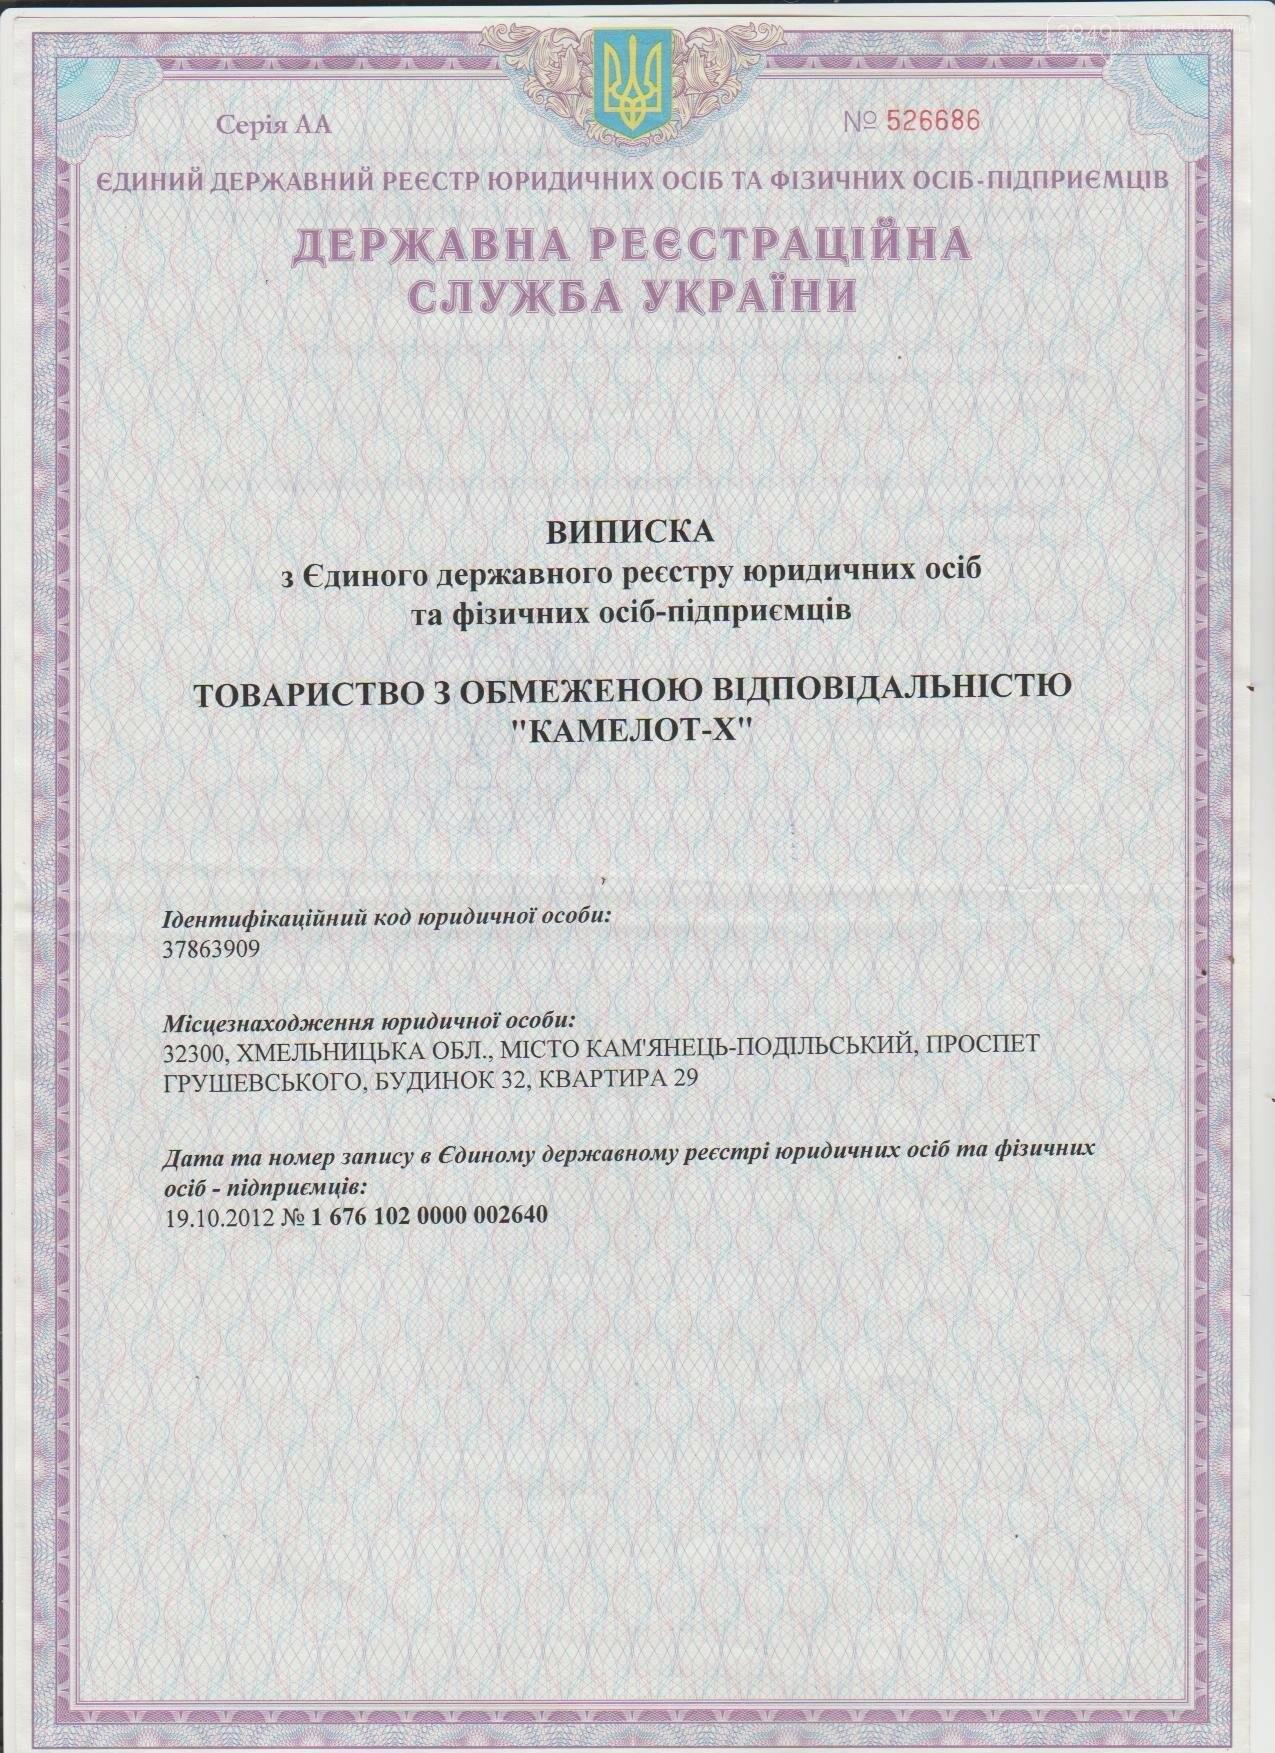 Кам'янецькі абітурієнти отримали можливість навчатися у Словаччині, фото-9